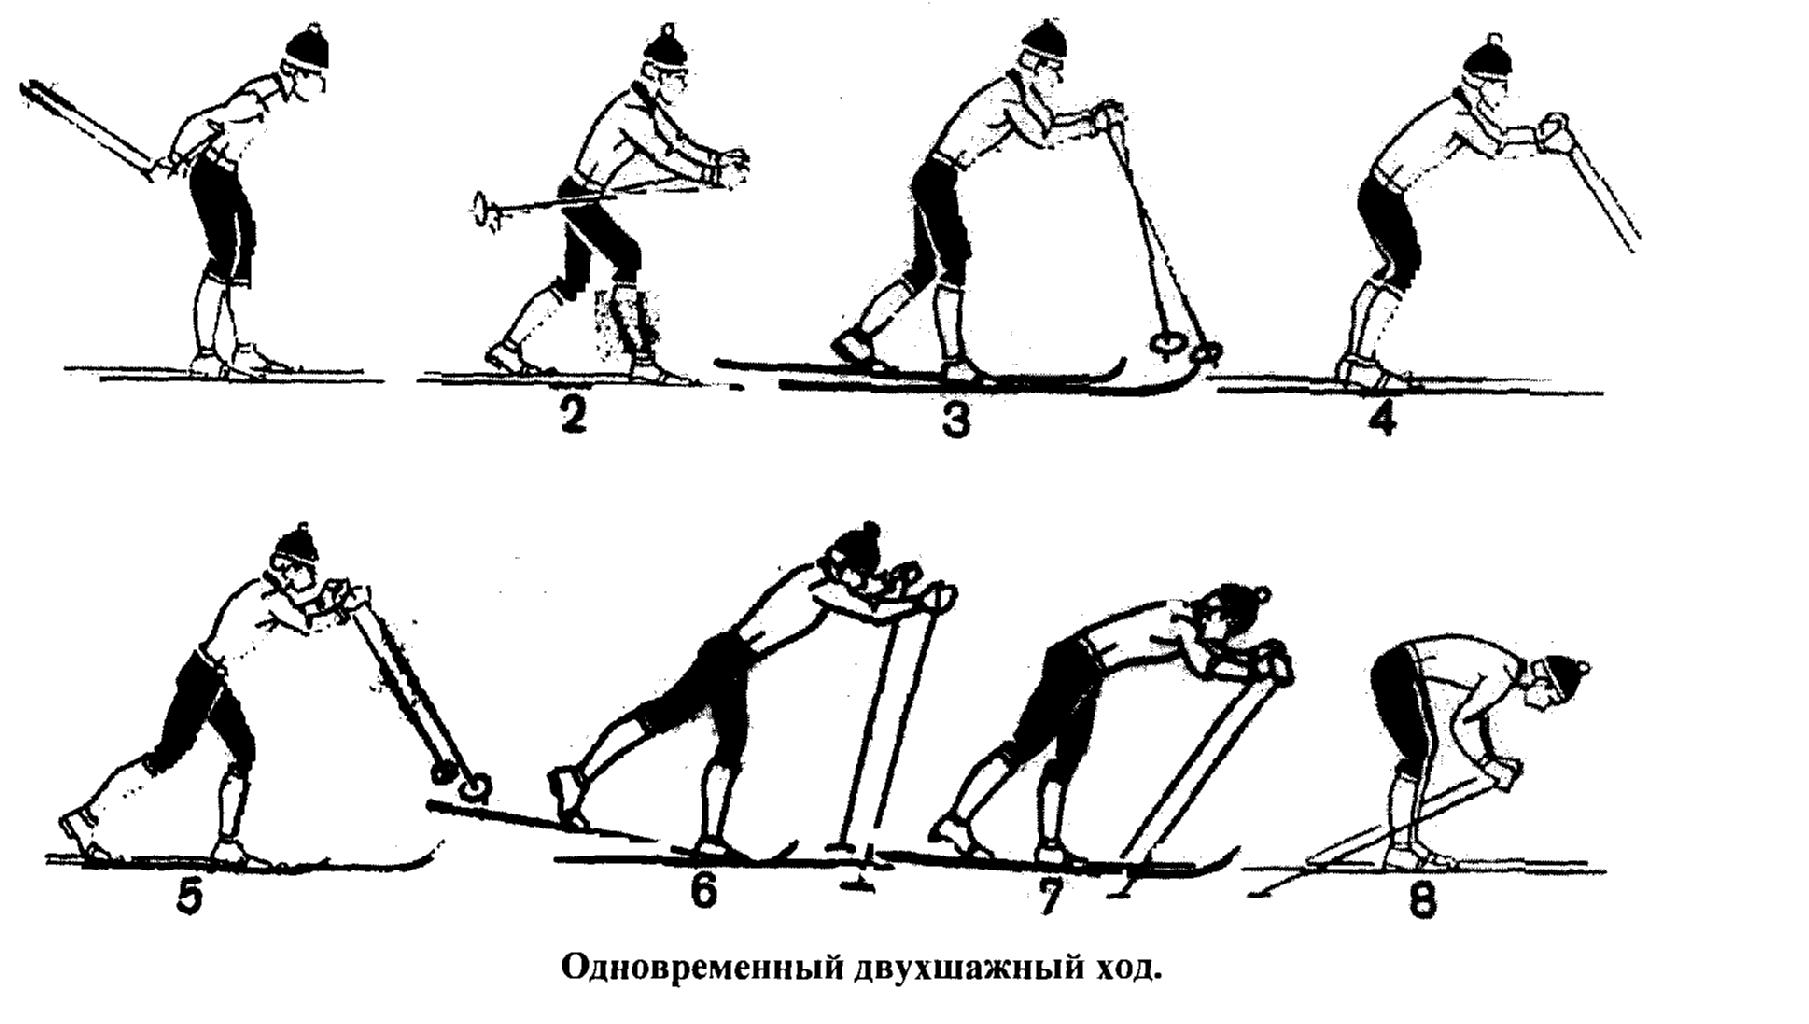 лыжные хода с картинками подборка фотографий